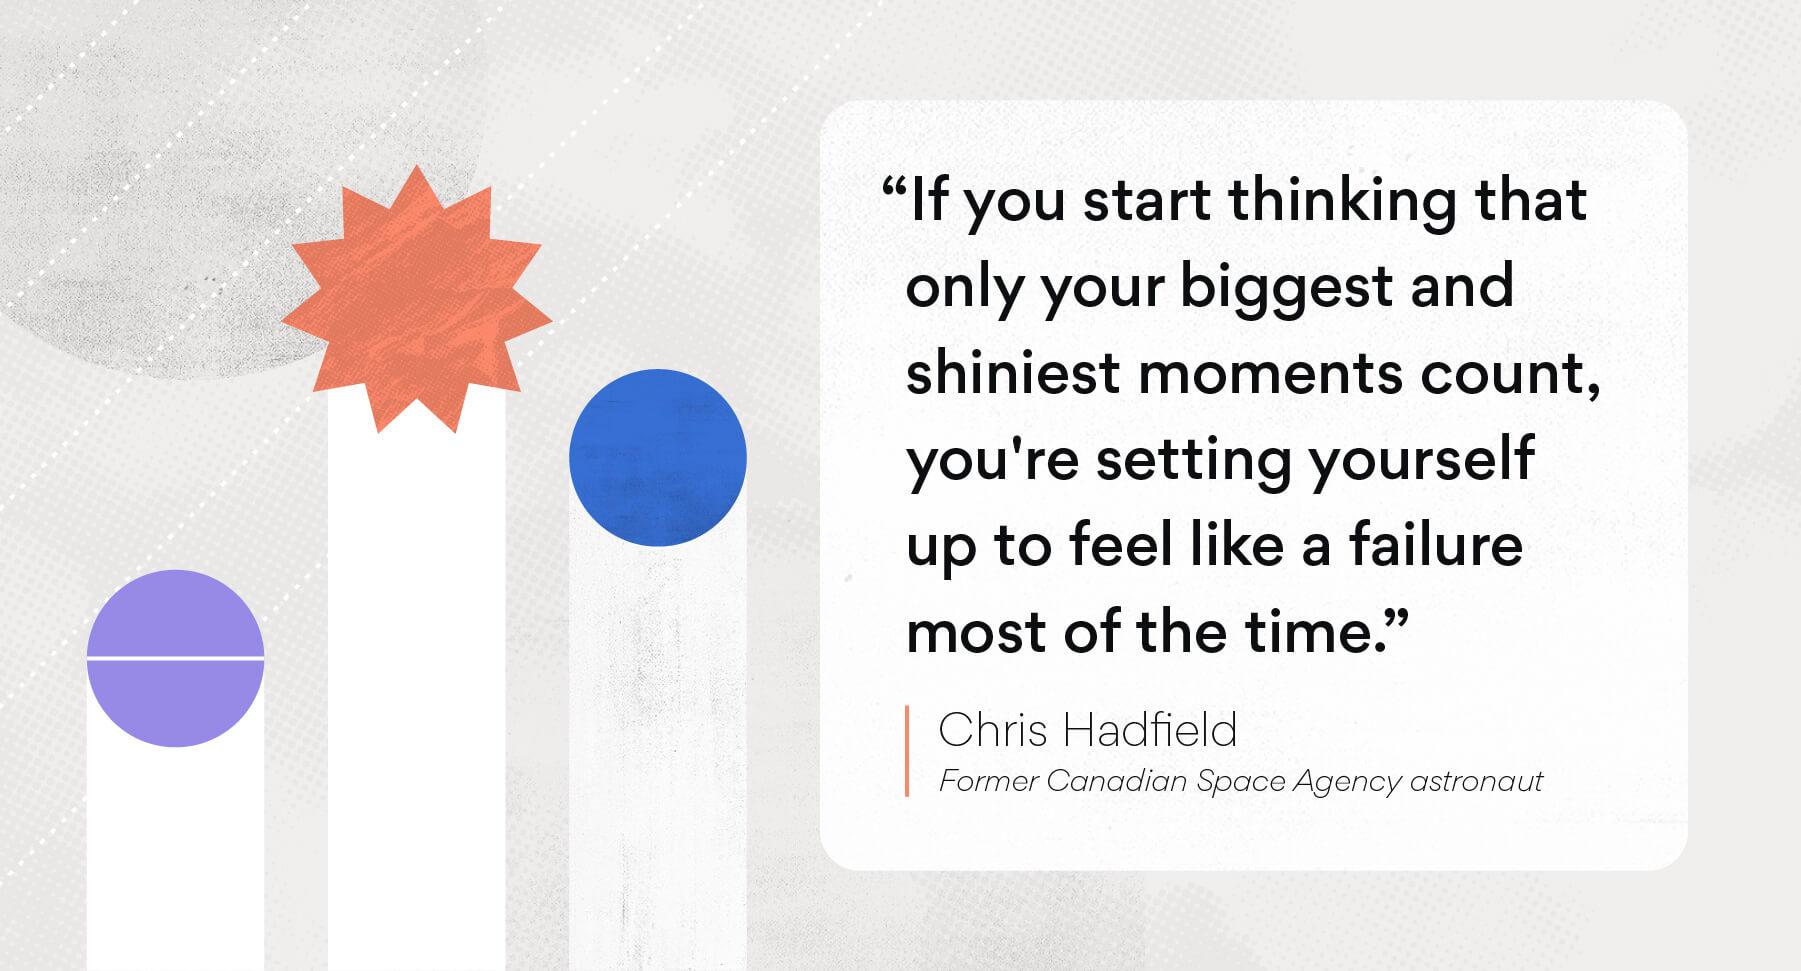 Chris Hadfield quote